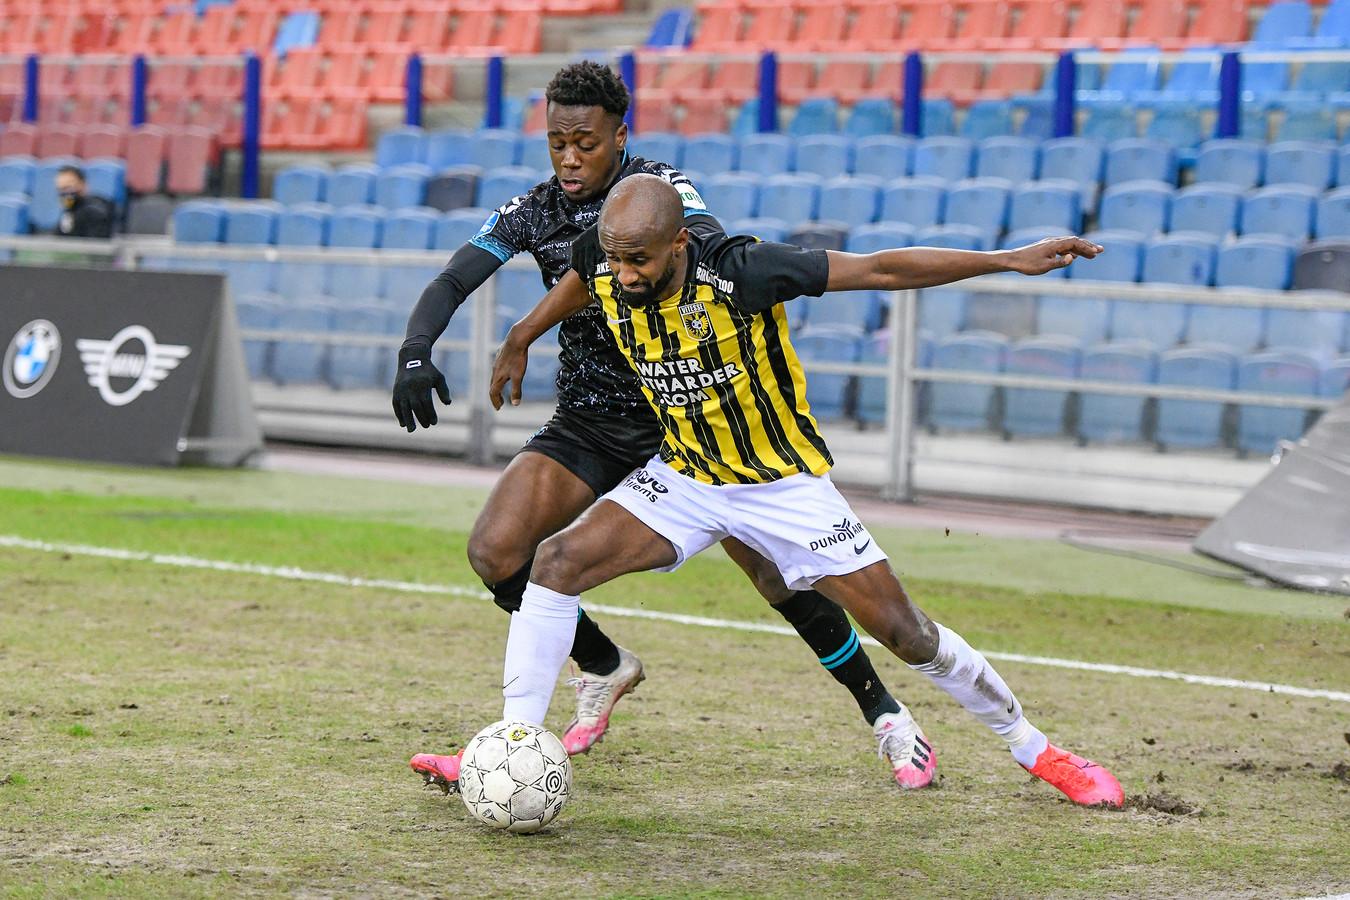 Thierry Lutonda van RKC en Vitessenaar Eli Dasa strijden op een slecht veld in GelreDome om de bal.